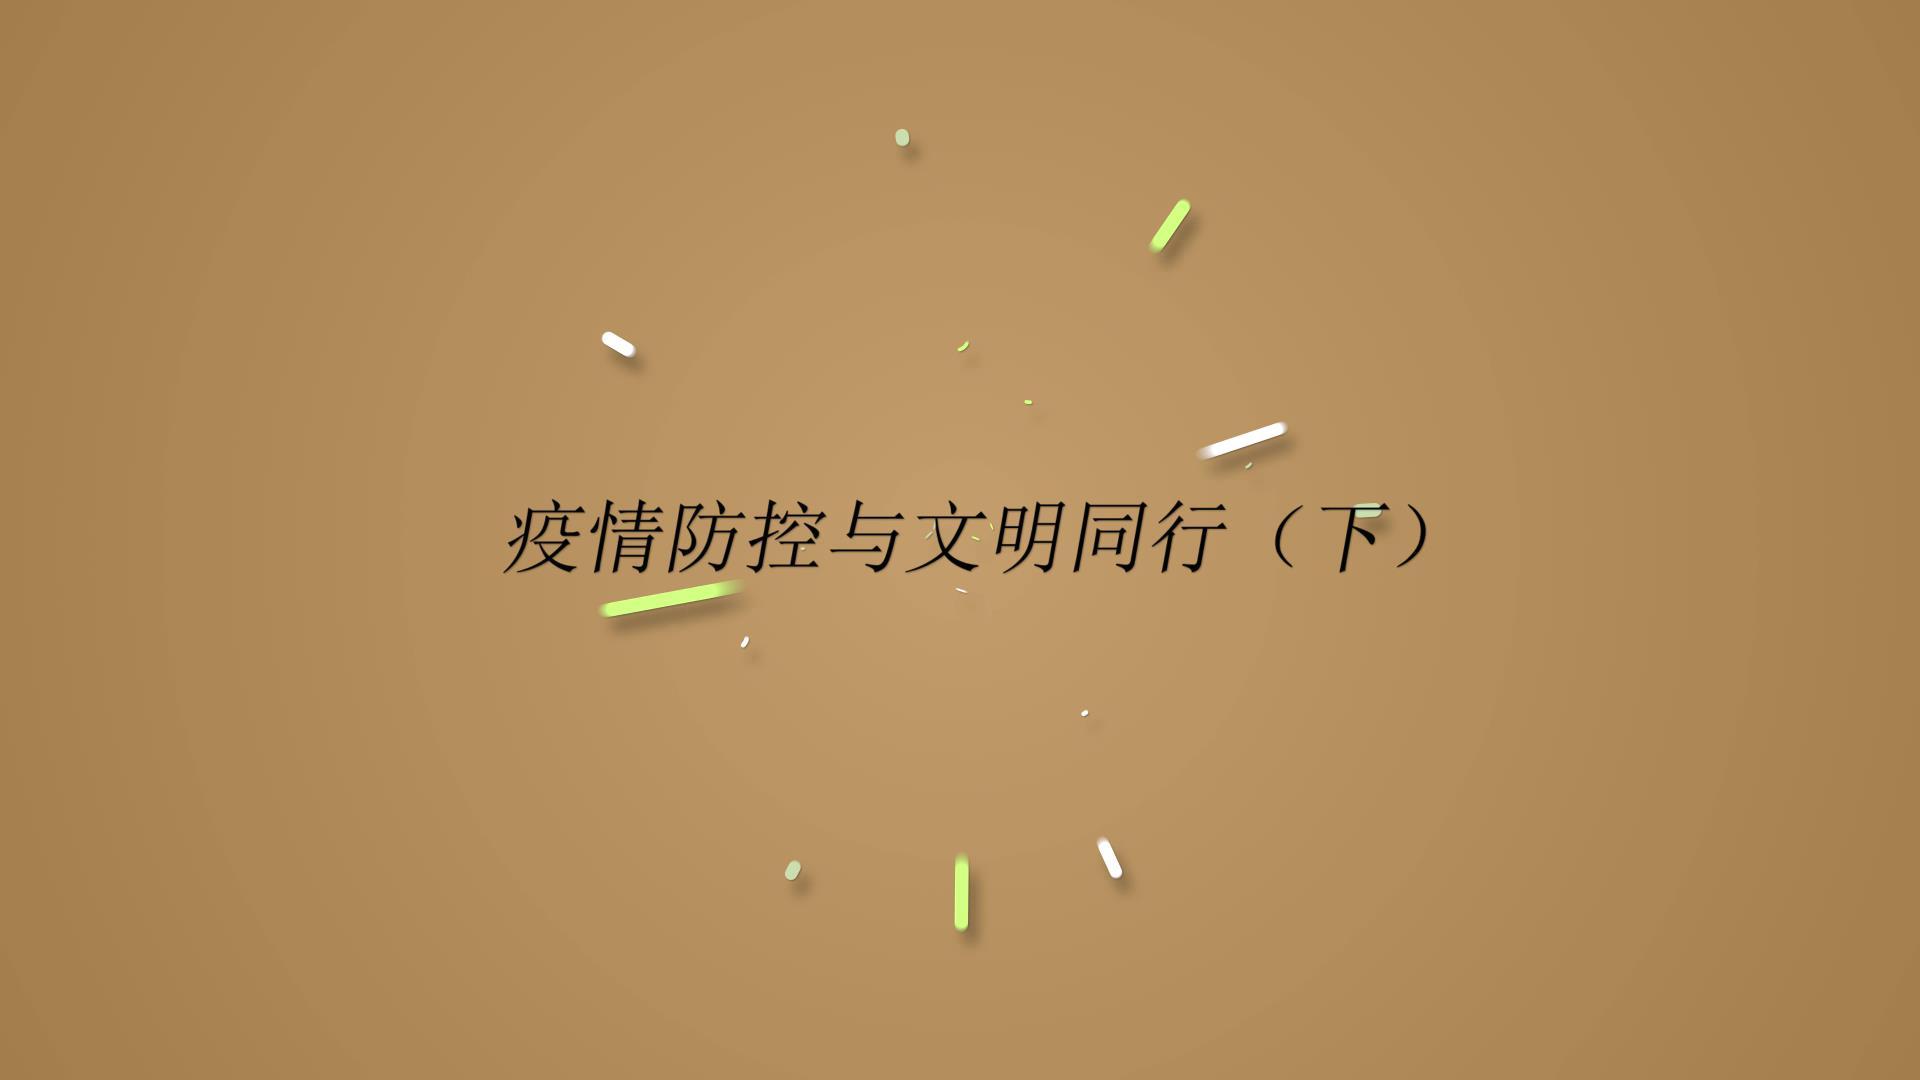 防疫动画(下)[封面图].jpg